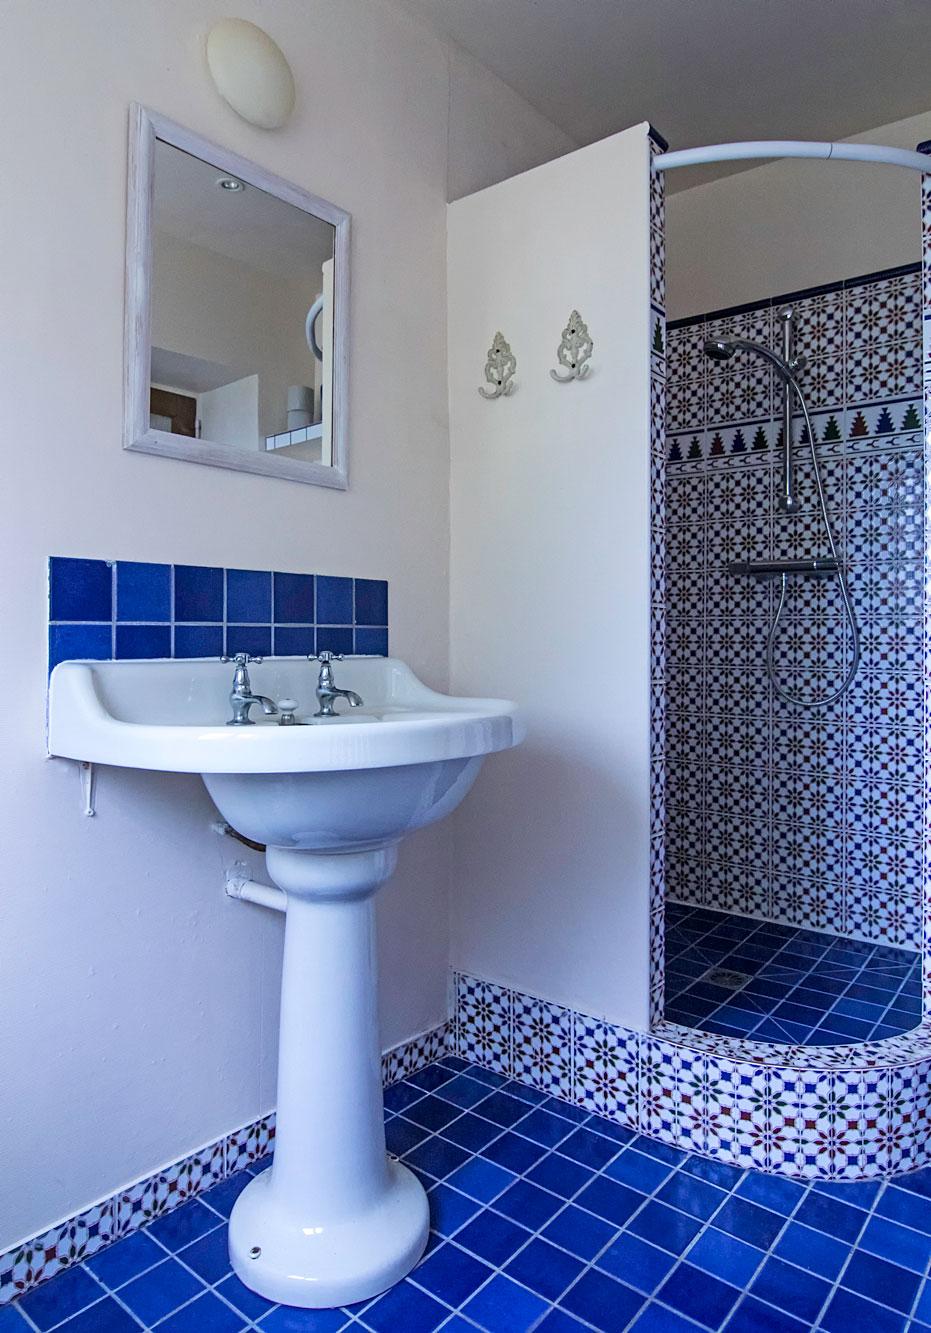 Toilette, Waschbecken und eine großzügige Dusche sind im Bad im Erdgeschoss untergebracht